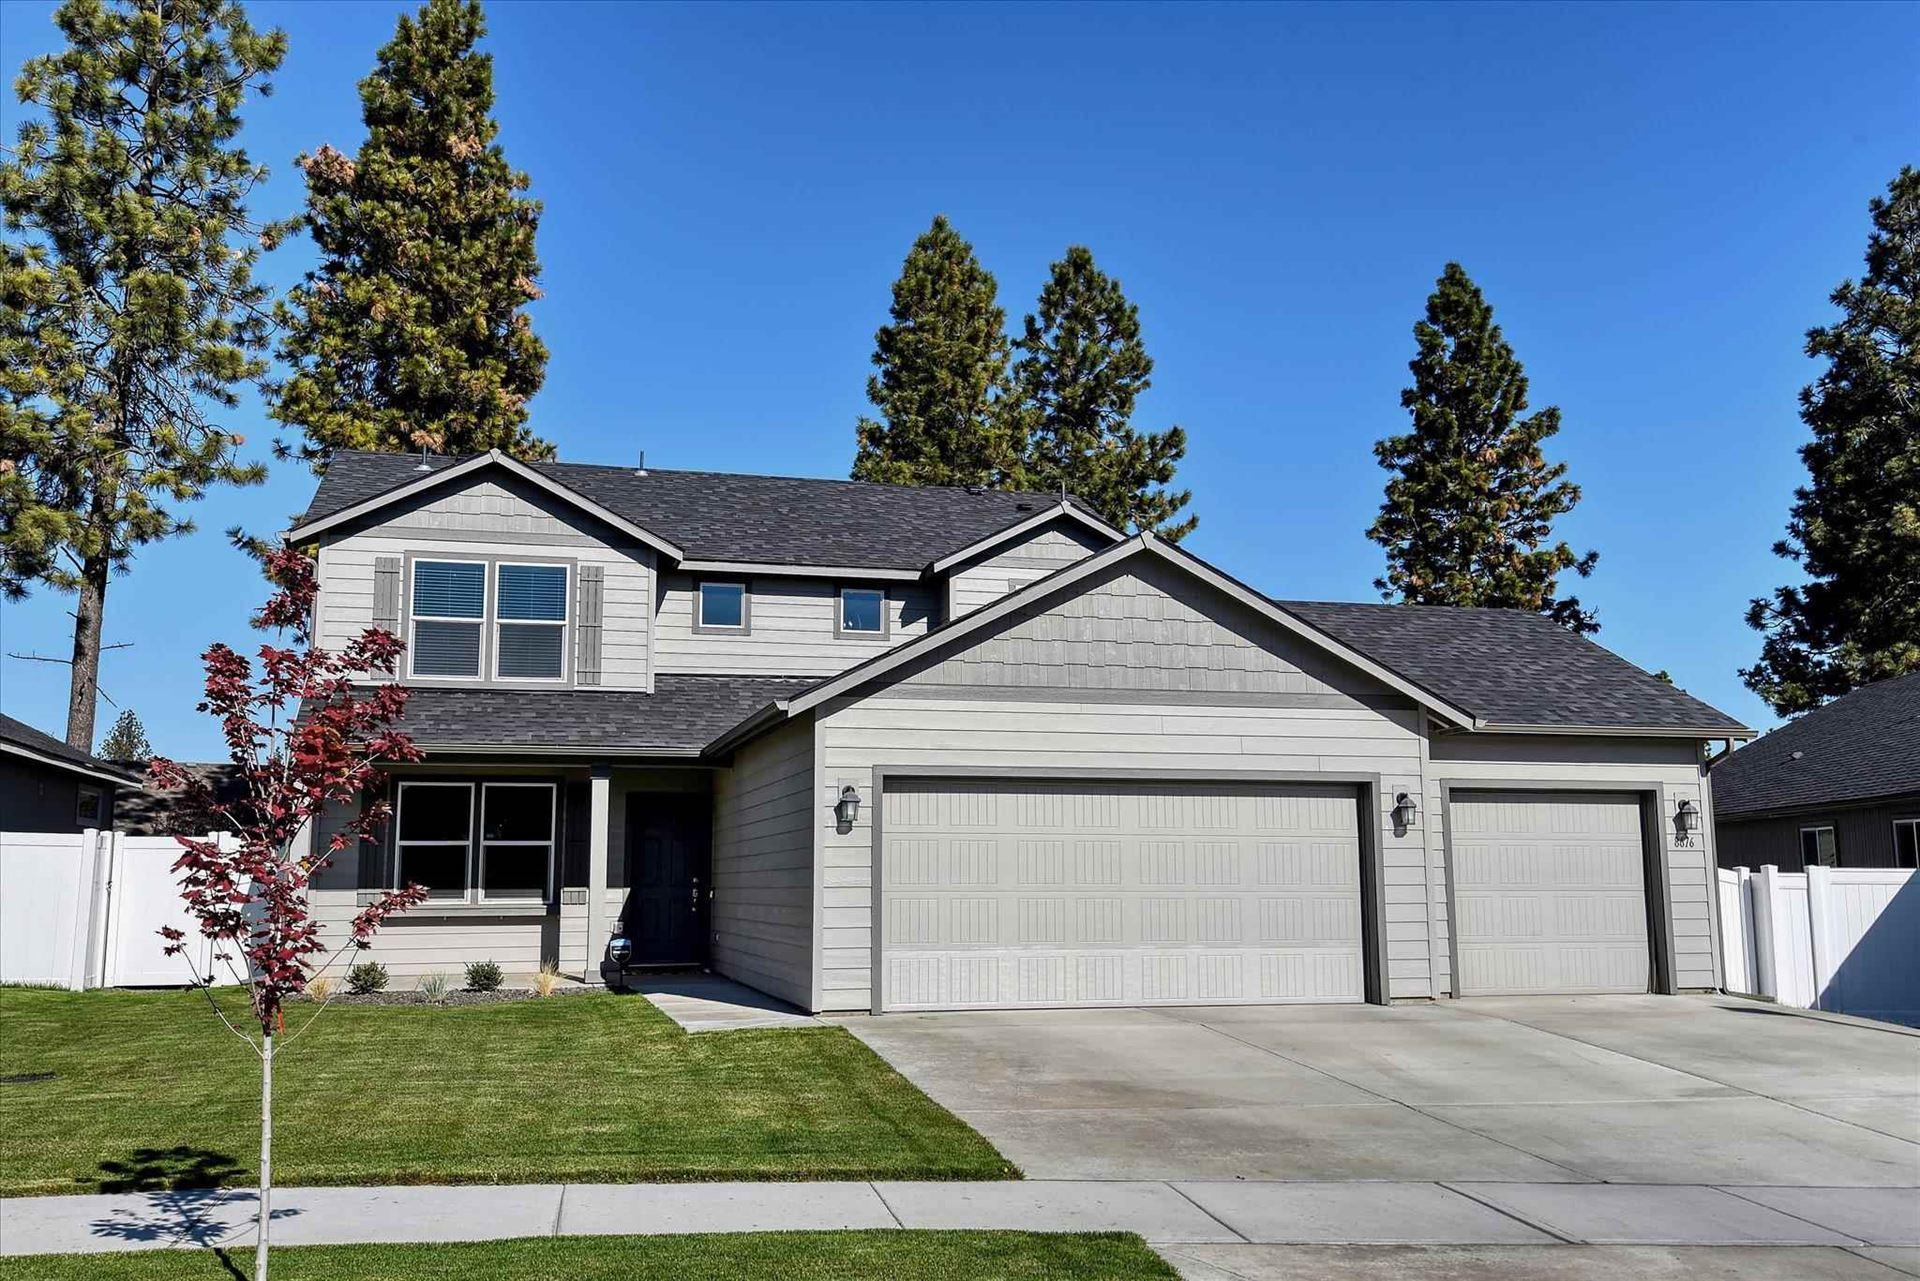 8616 W 11th Ave, Spokane, WA 99224-6193 - #: 202123881